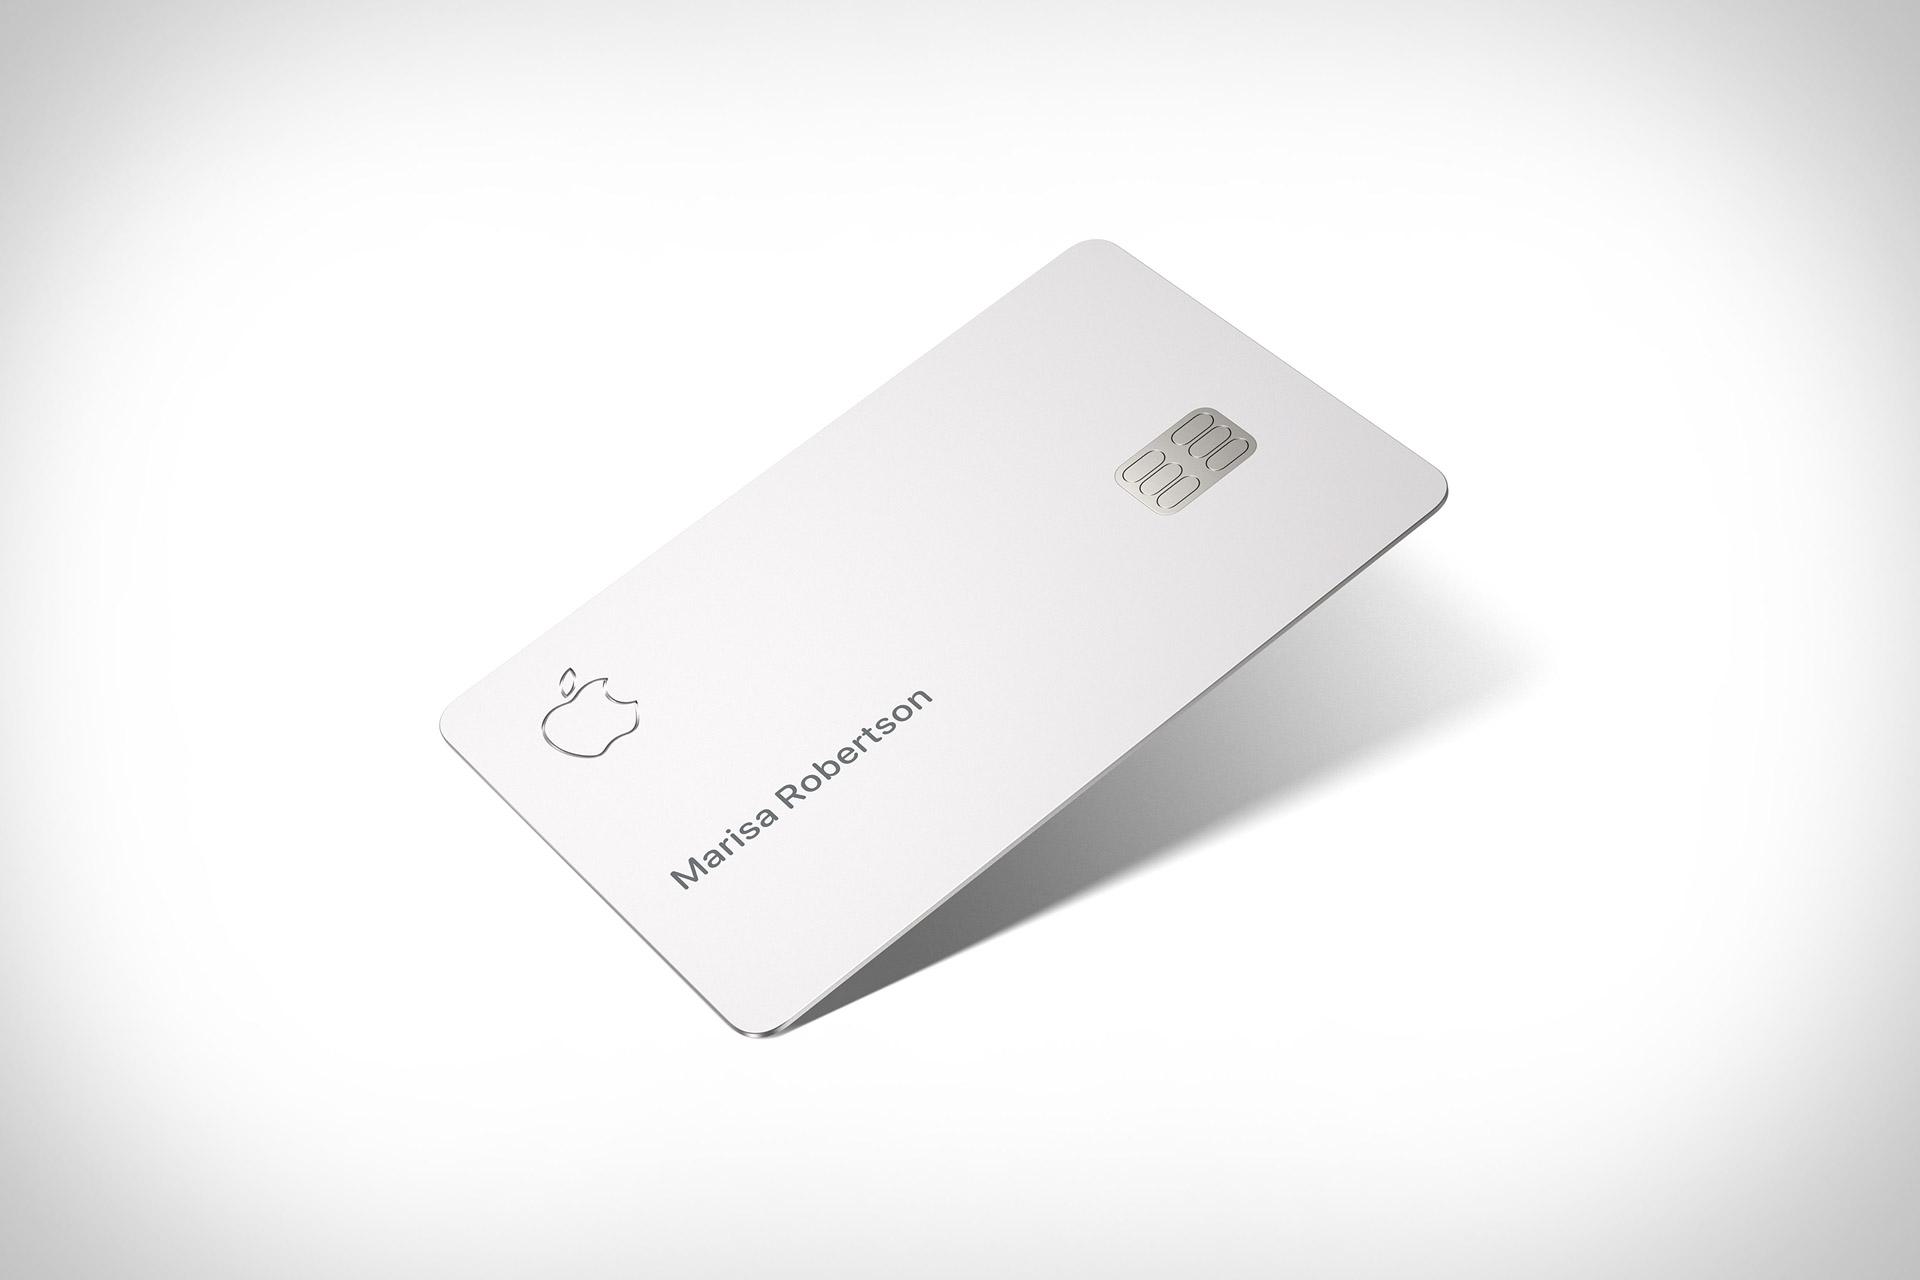 https://uncrate.com/p/2019/03/apple-card.jpg?fit=thumb&w=700&q=60&fm=jpg&fl=progressive